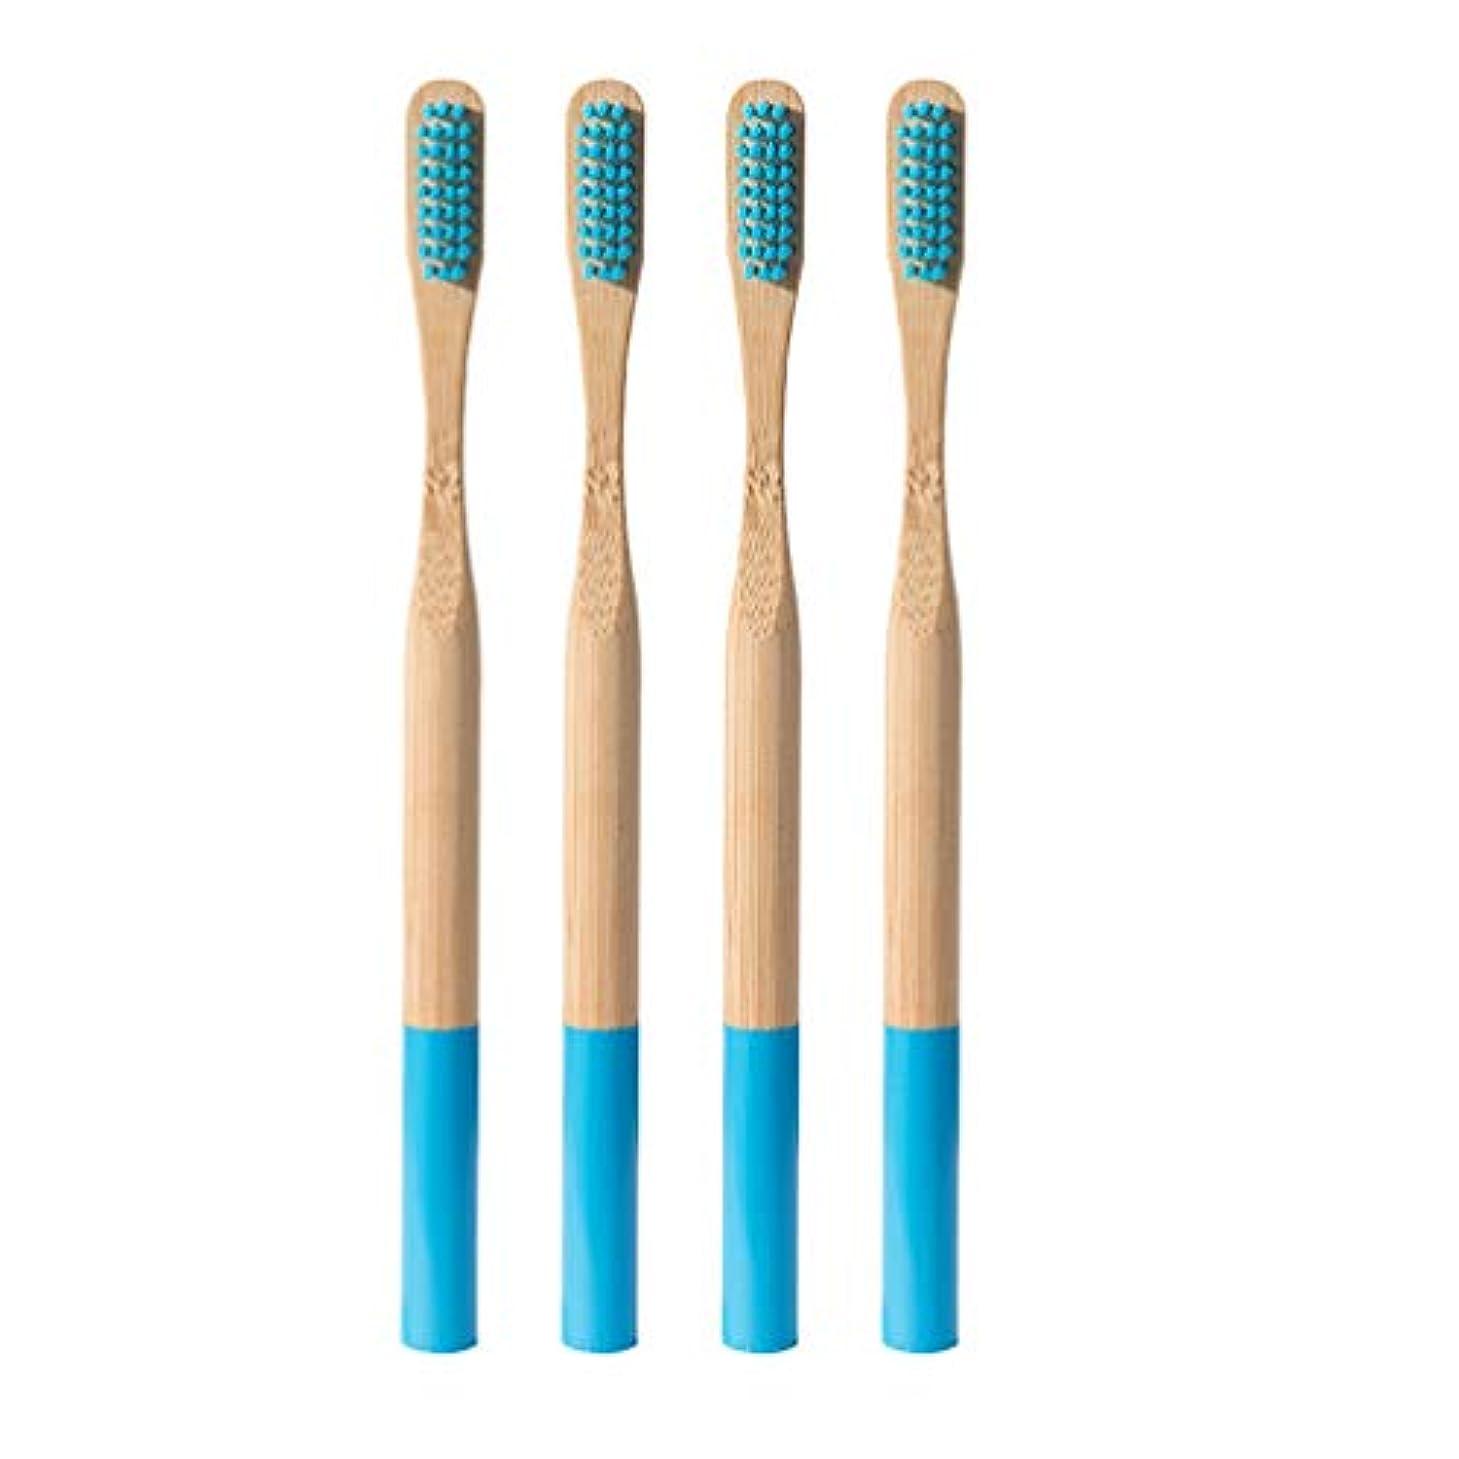 ご予約かび臭いなぜHeallily 竹の歯ブラシ4ピースの柔らかい毛の歯ブラシ生分解性の環境に優しい柔らかい歯ブラシ、大人のための細い毛が付いている抗菌性の歯ブラシ(青)